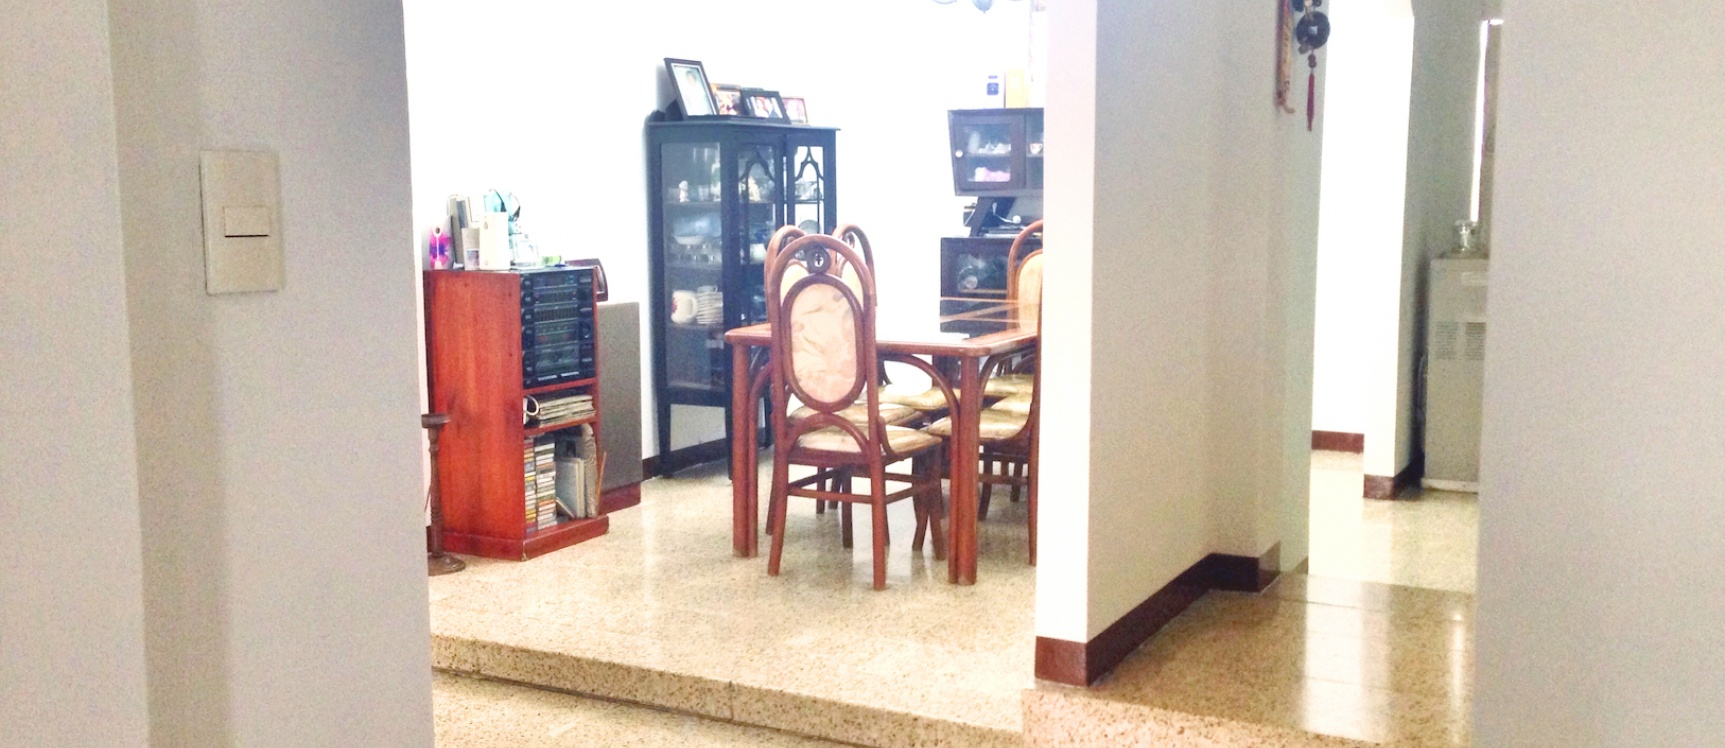 GeoBienes - Casa de venta en el norte de Guayaquil. Sector Riocentro norte - Plusvalia Guayaquil Casas de venta y alquiler Inmobiliaria Ecuador